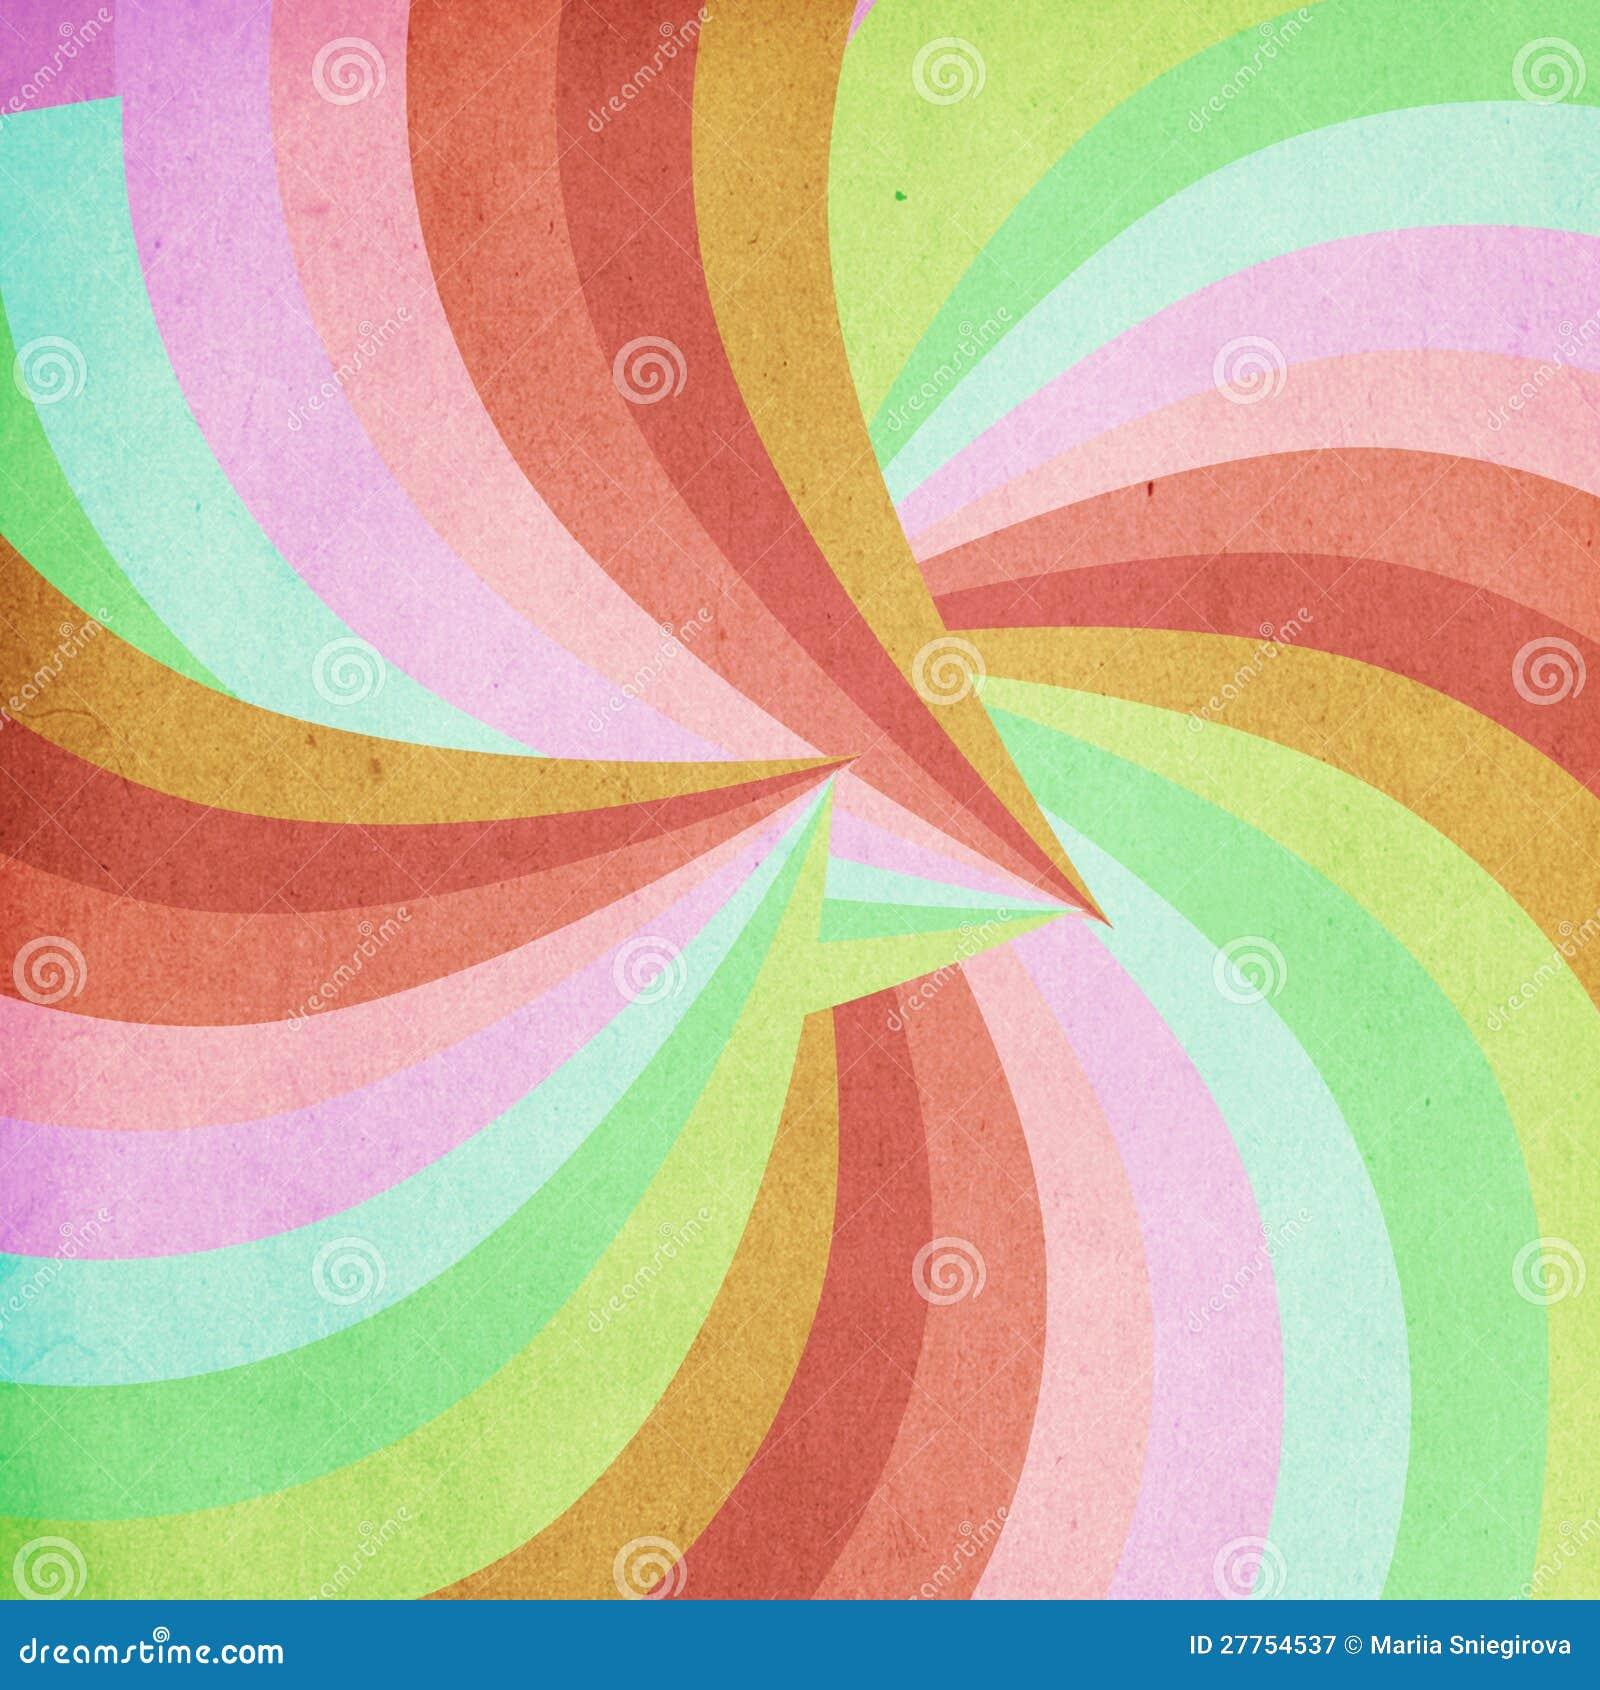 Image d art, configuration colorée